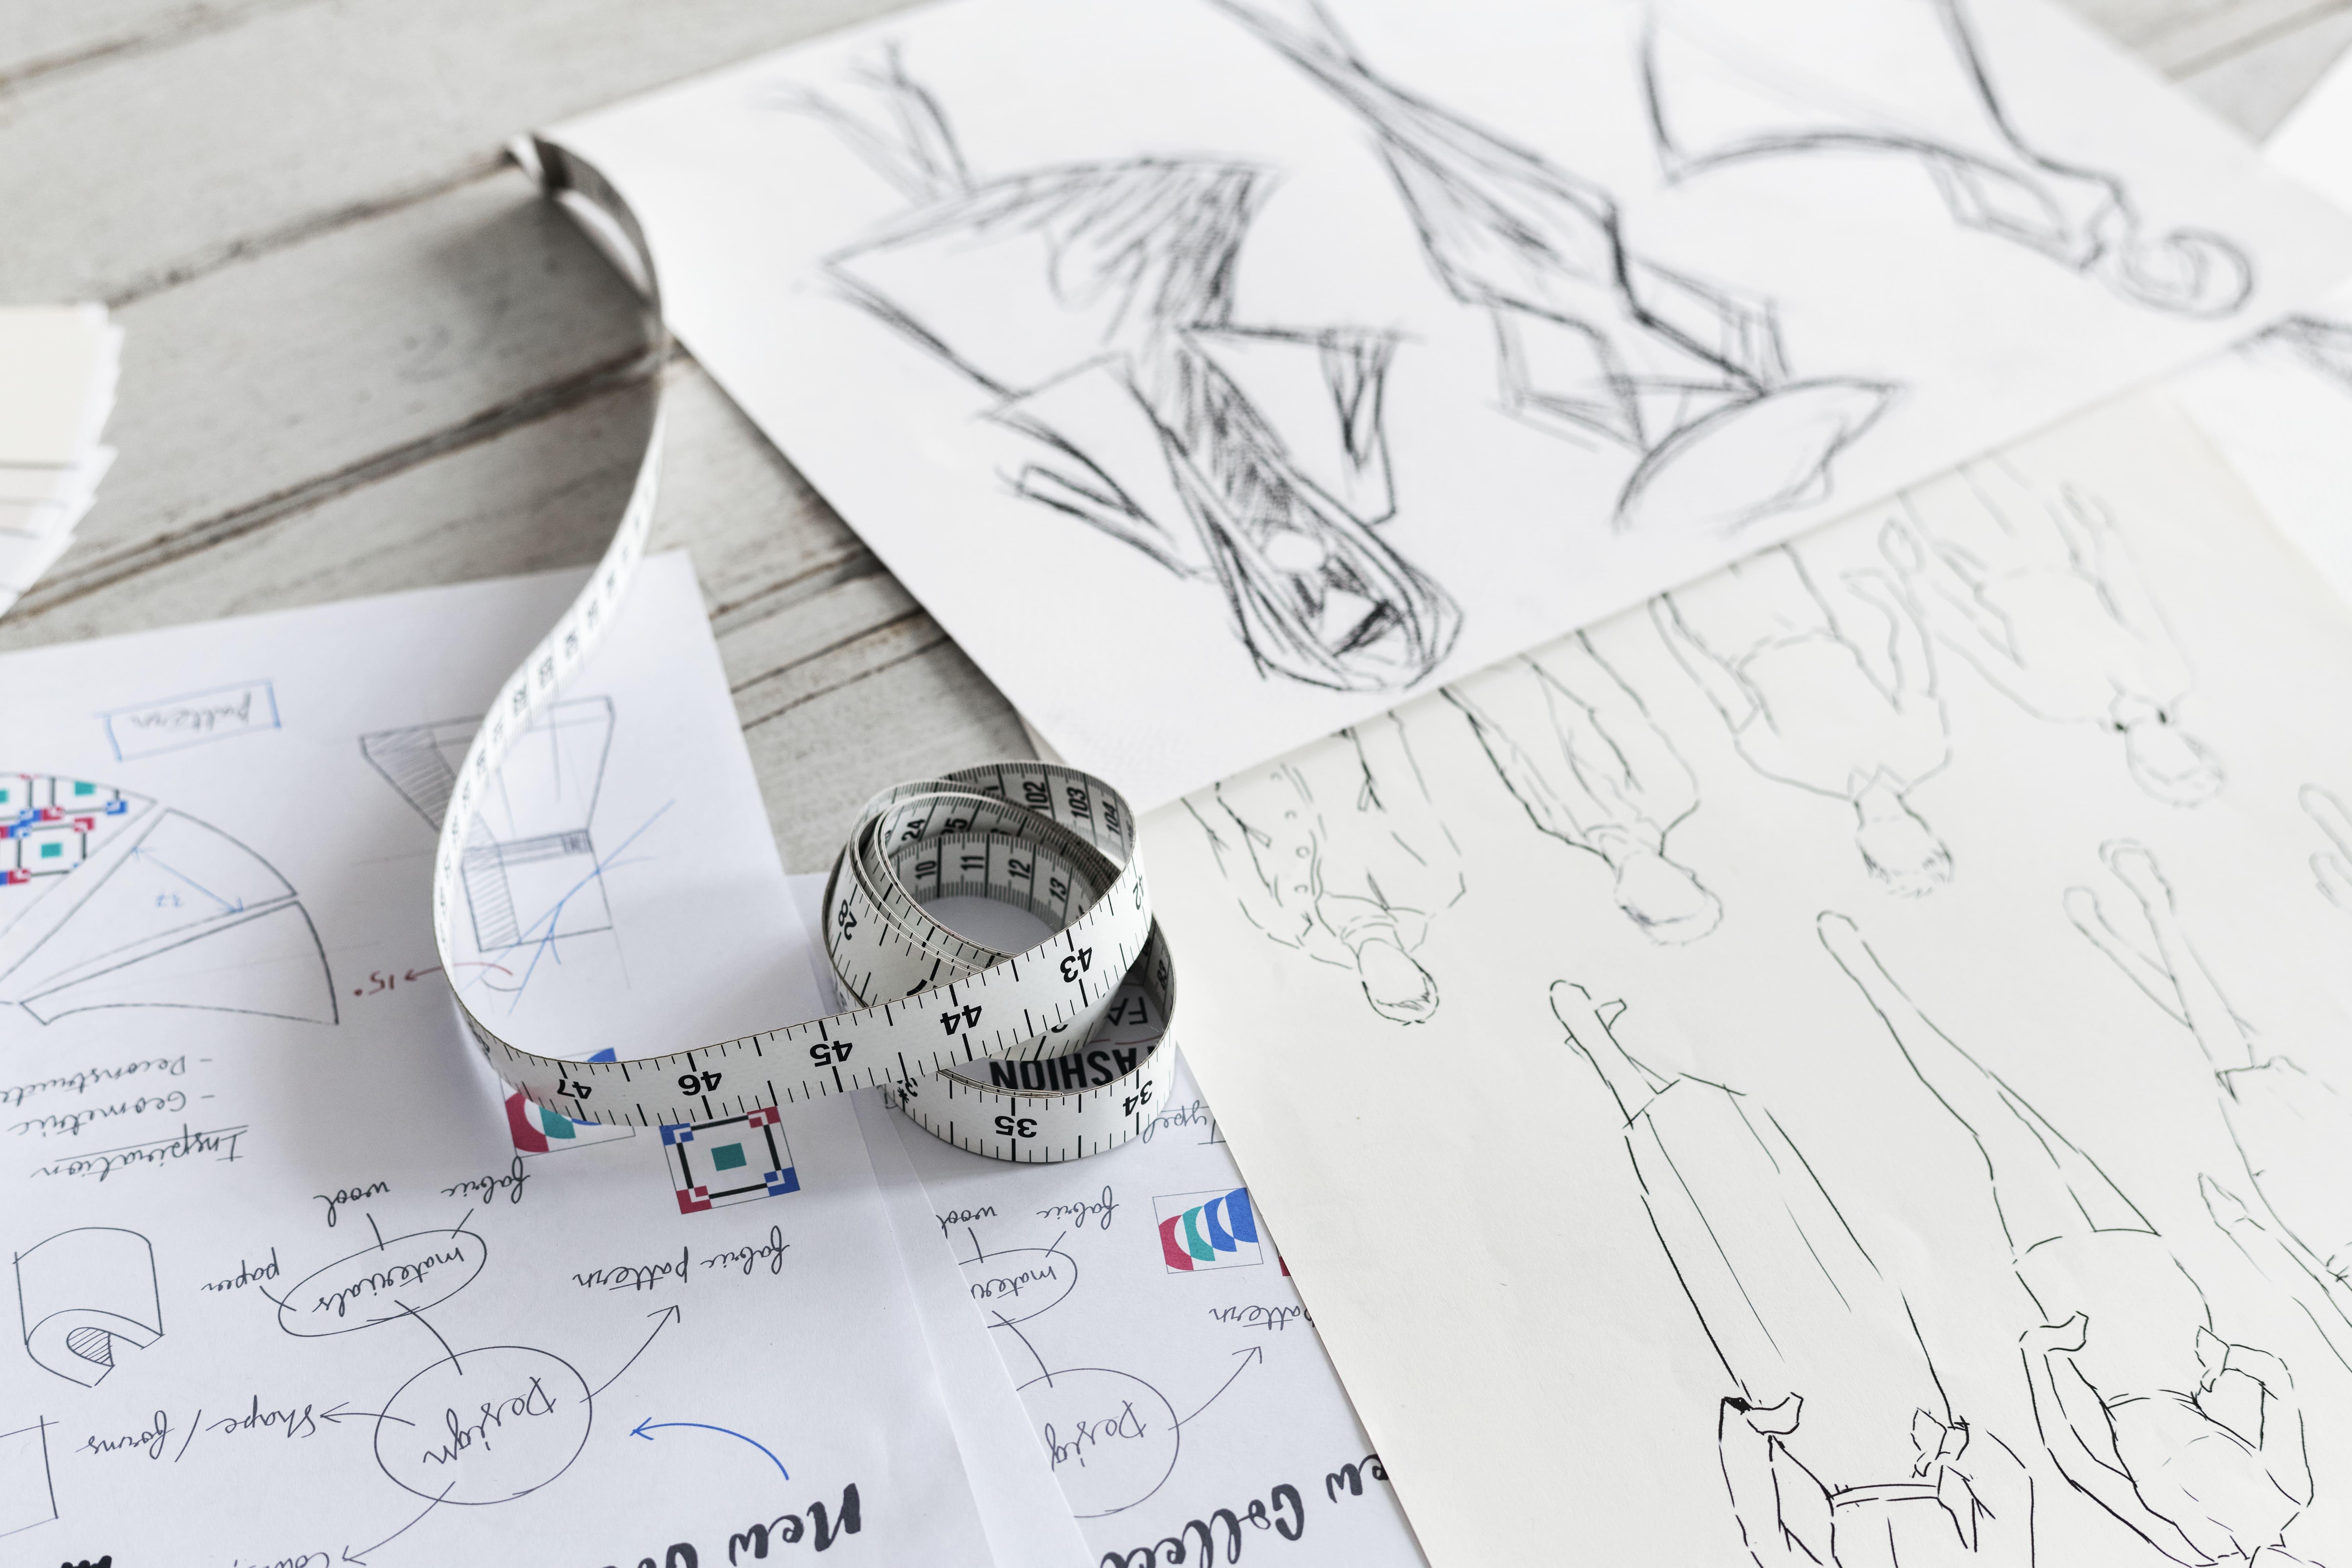 Studio modellistico: la creazione di abiti sartoriali